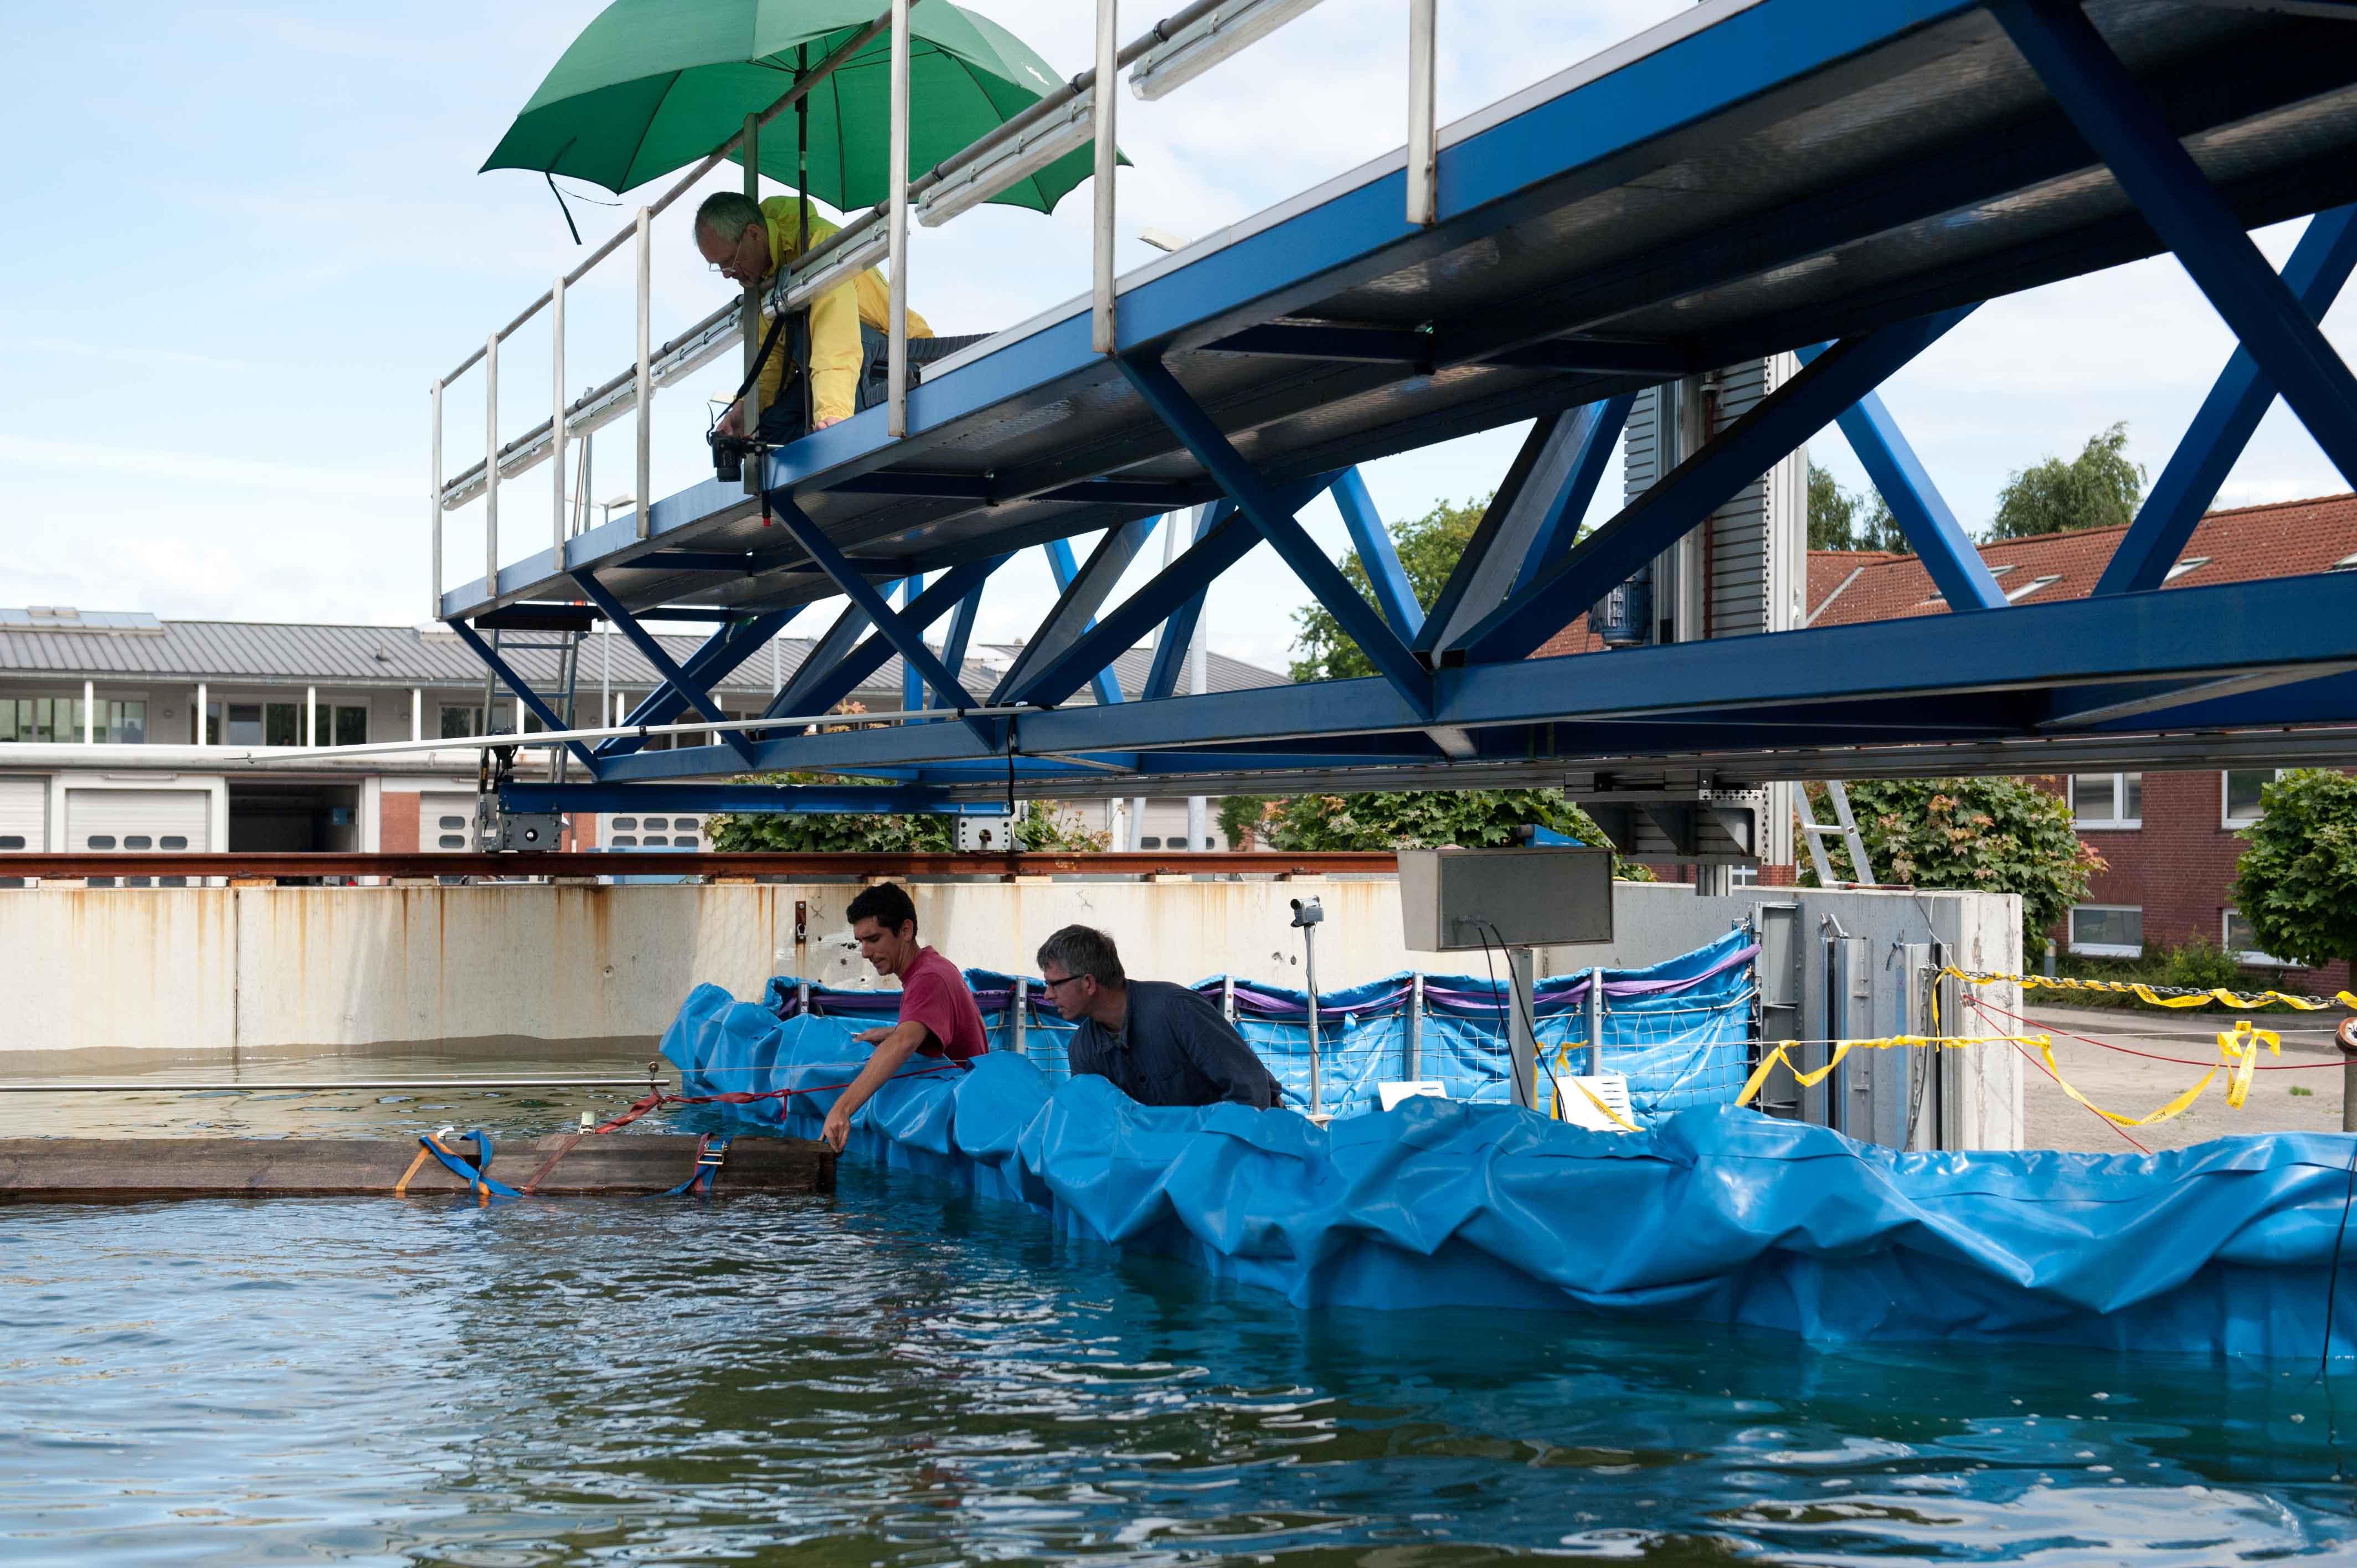 Das mobile Hochwasserschutzsystem, die AquaWand in der Testanlage der TUHH